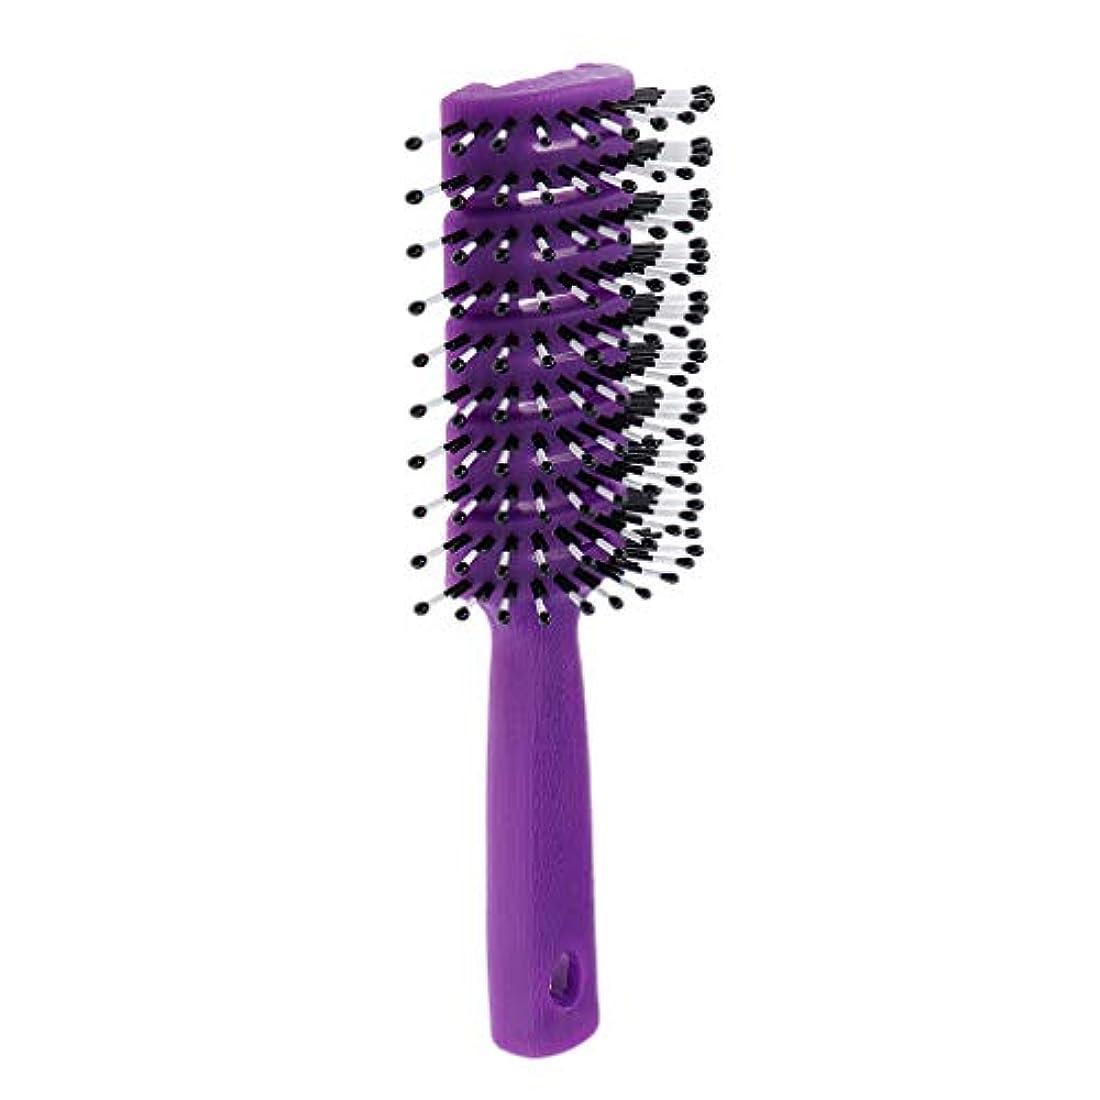 曖昧な隔離表現ヘアコーム 静電防止櫛 ヘアブラシ 頭皮マッサージ 快適 3色選べ - 紫